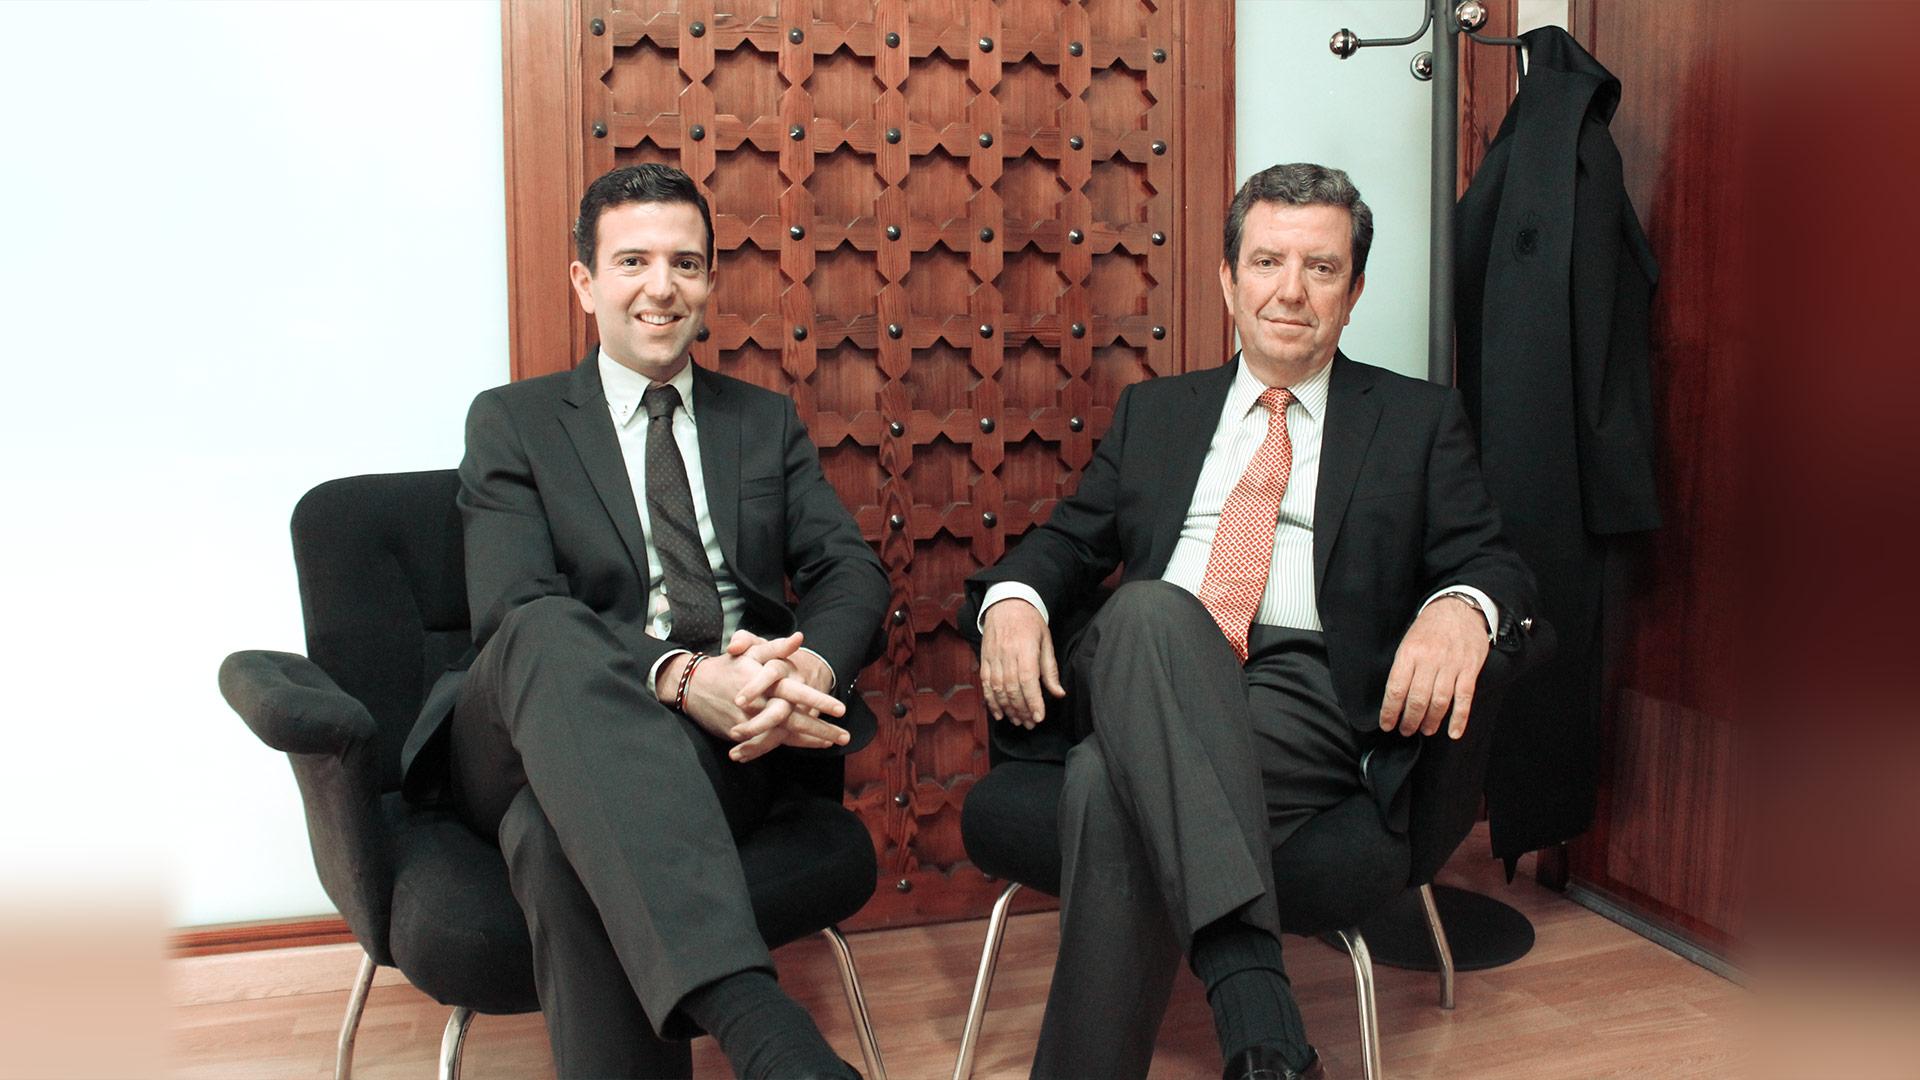 Juan y Marcos Tello en el despacho de Tello Abogados